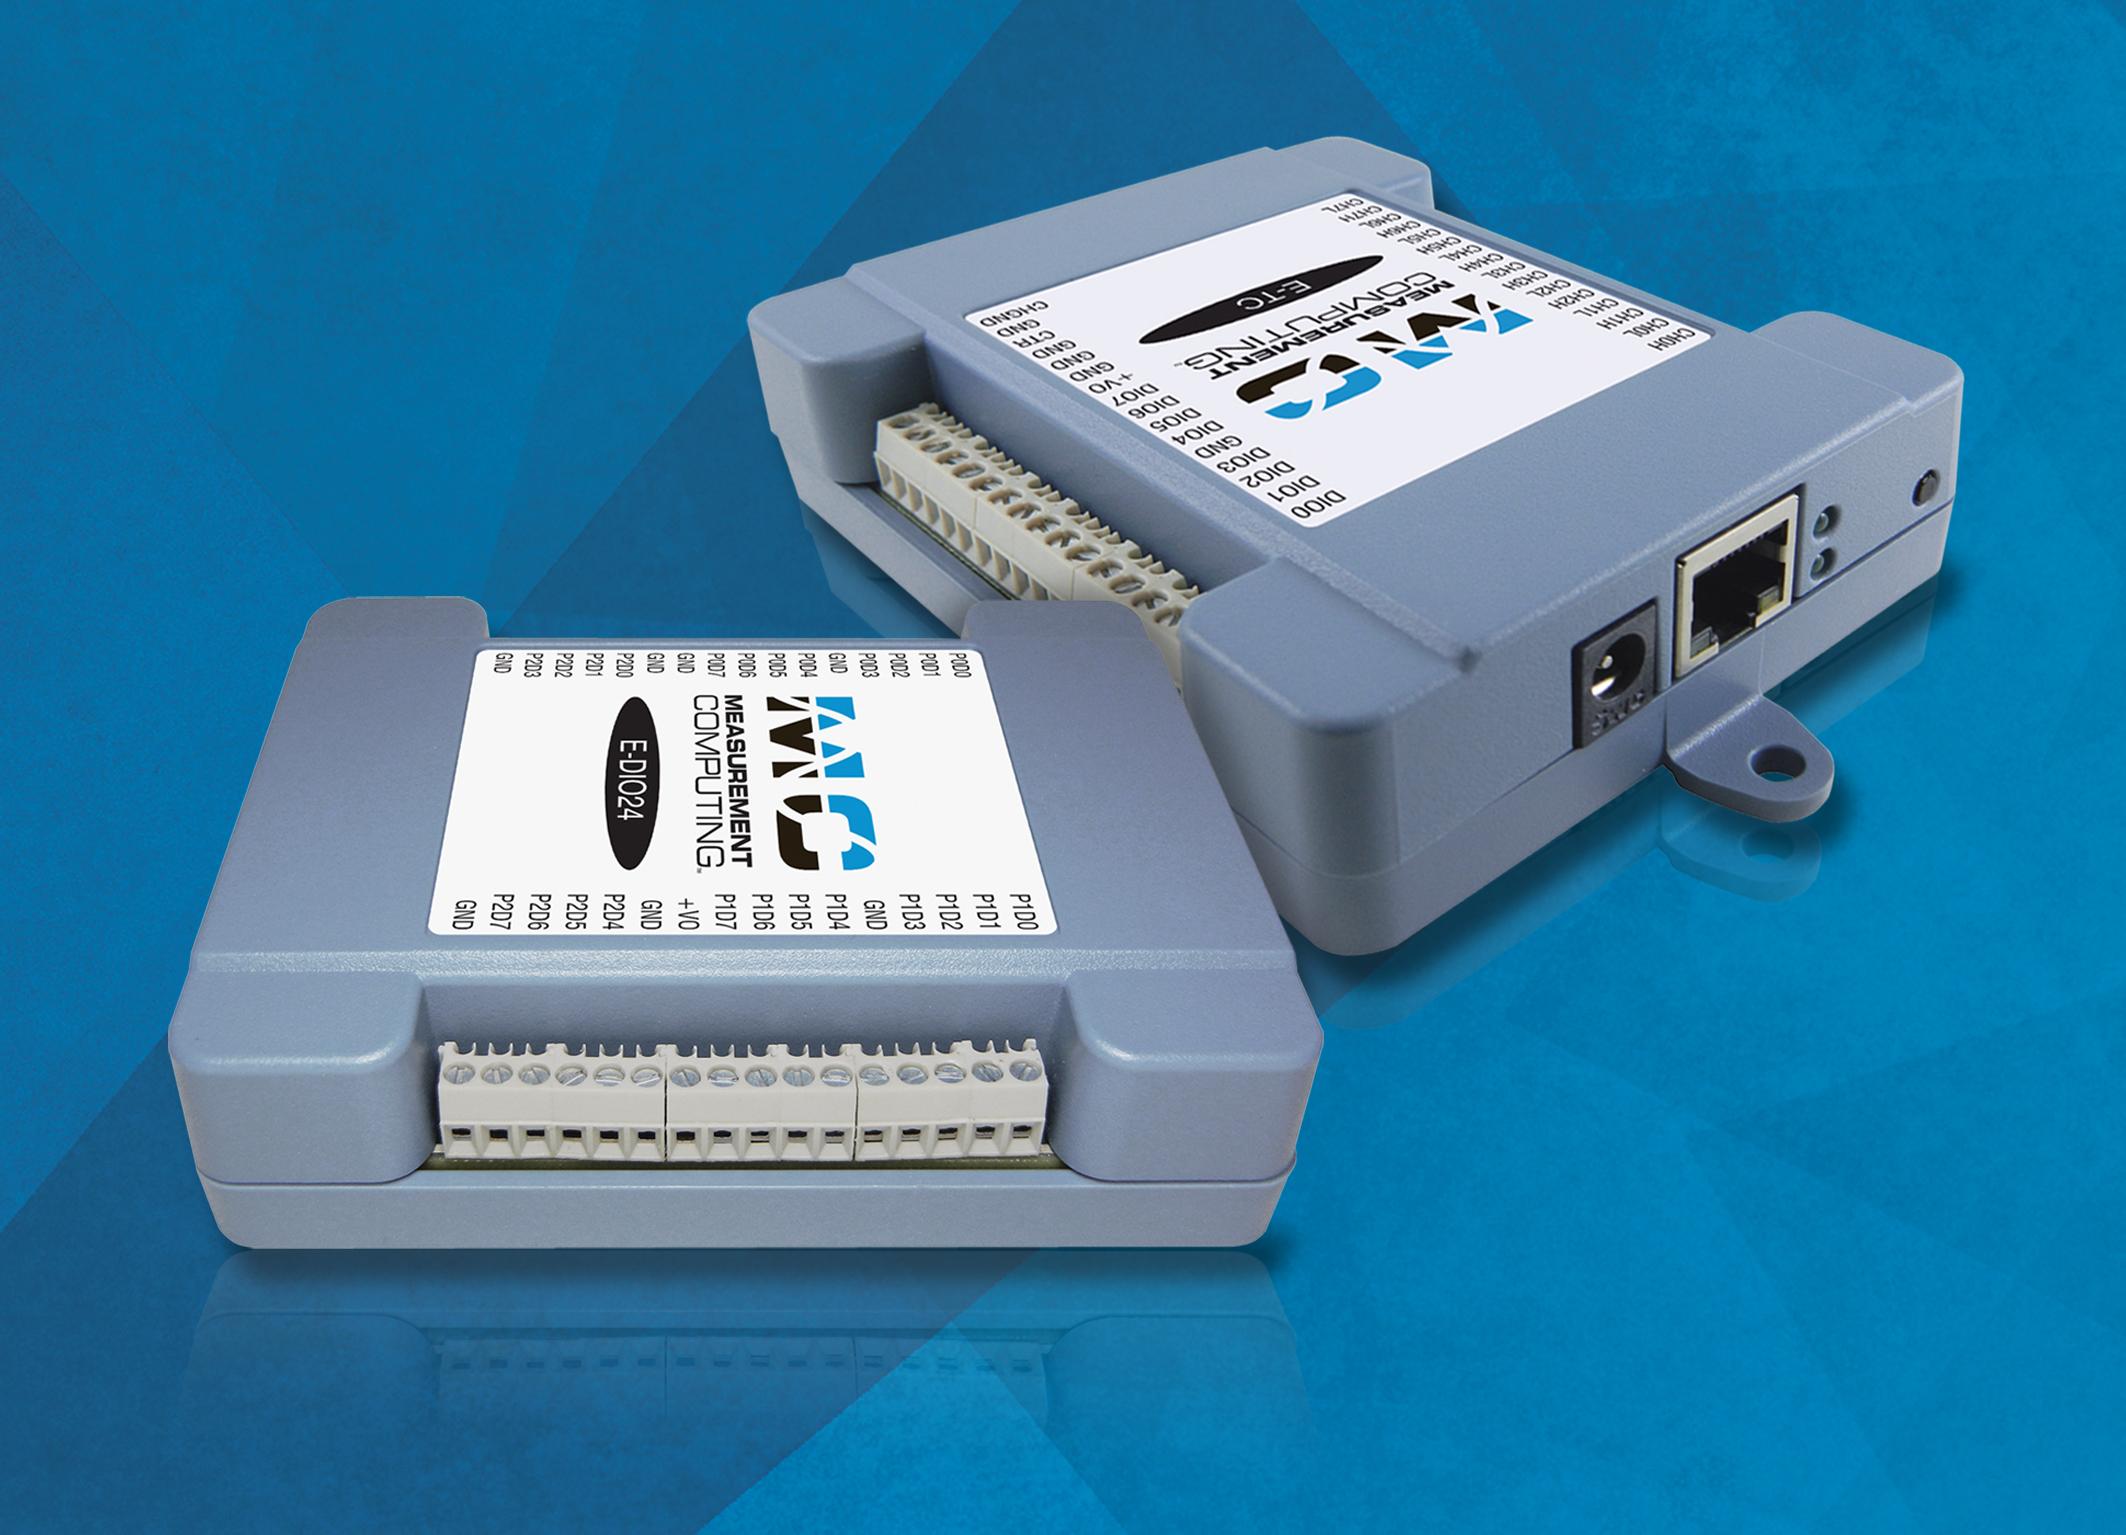 Messgeräte über Ethernet anbinden